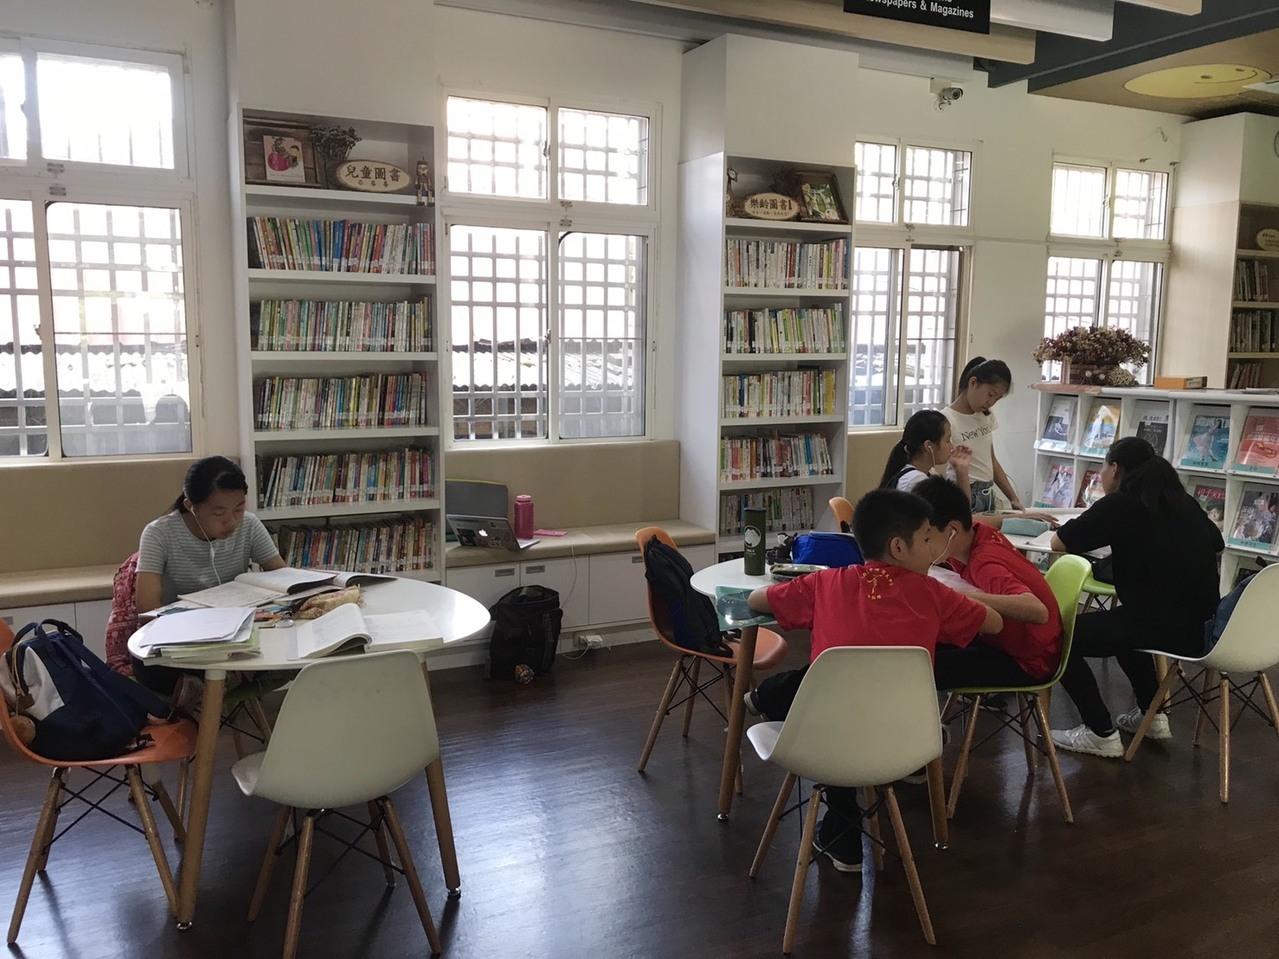 中埔鄉立圖書館自去年整修後環境明亮舒適,但一樓座位區供學生自習空間減少許多。圖/記者黃晴雯攝影